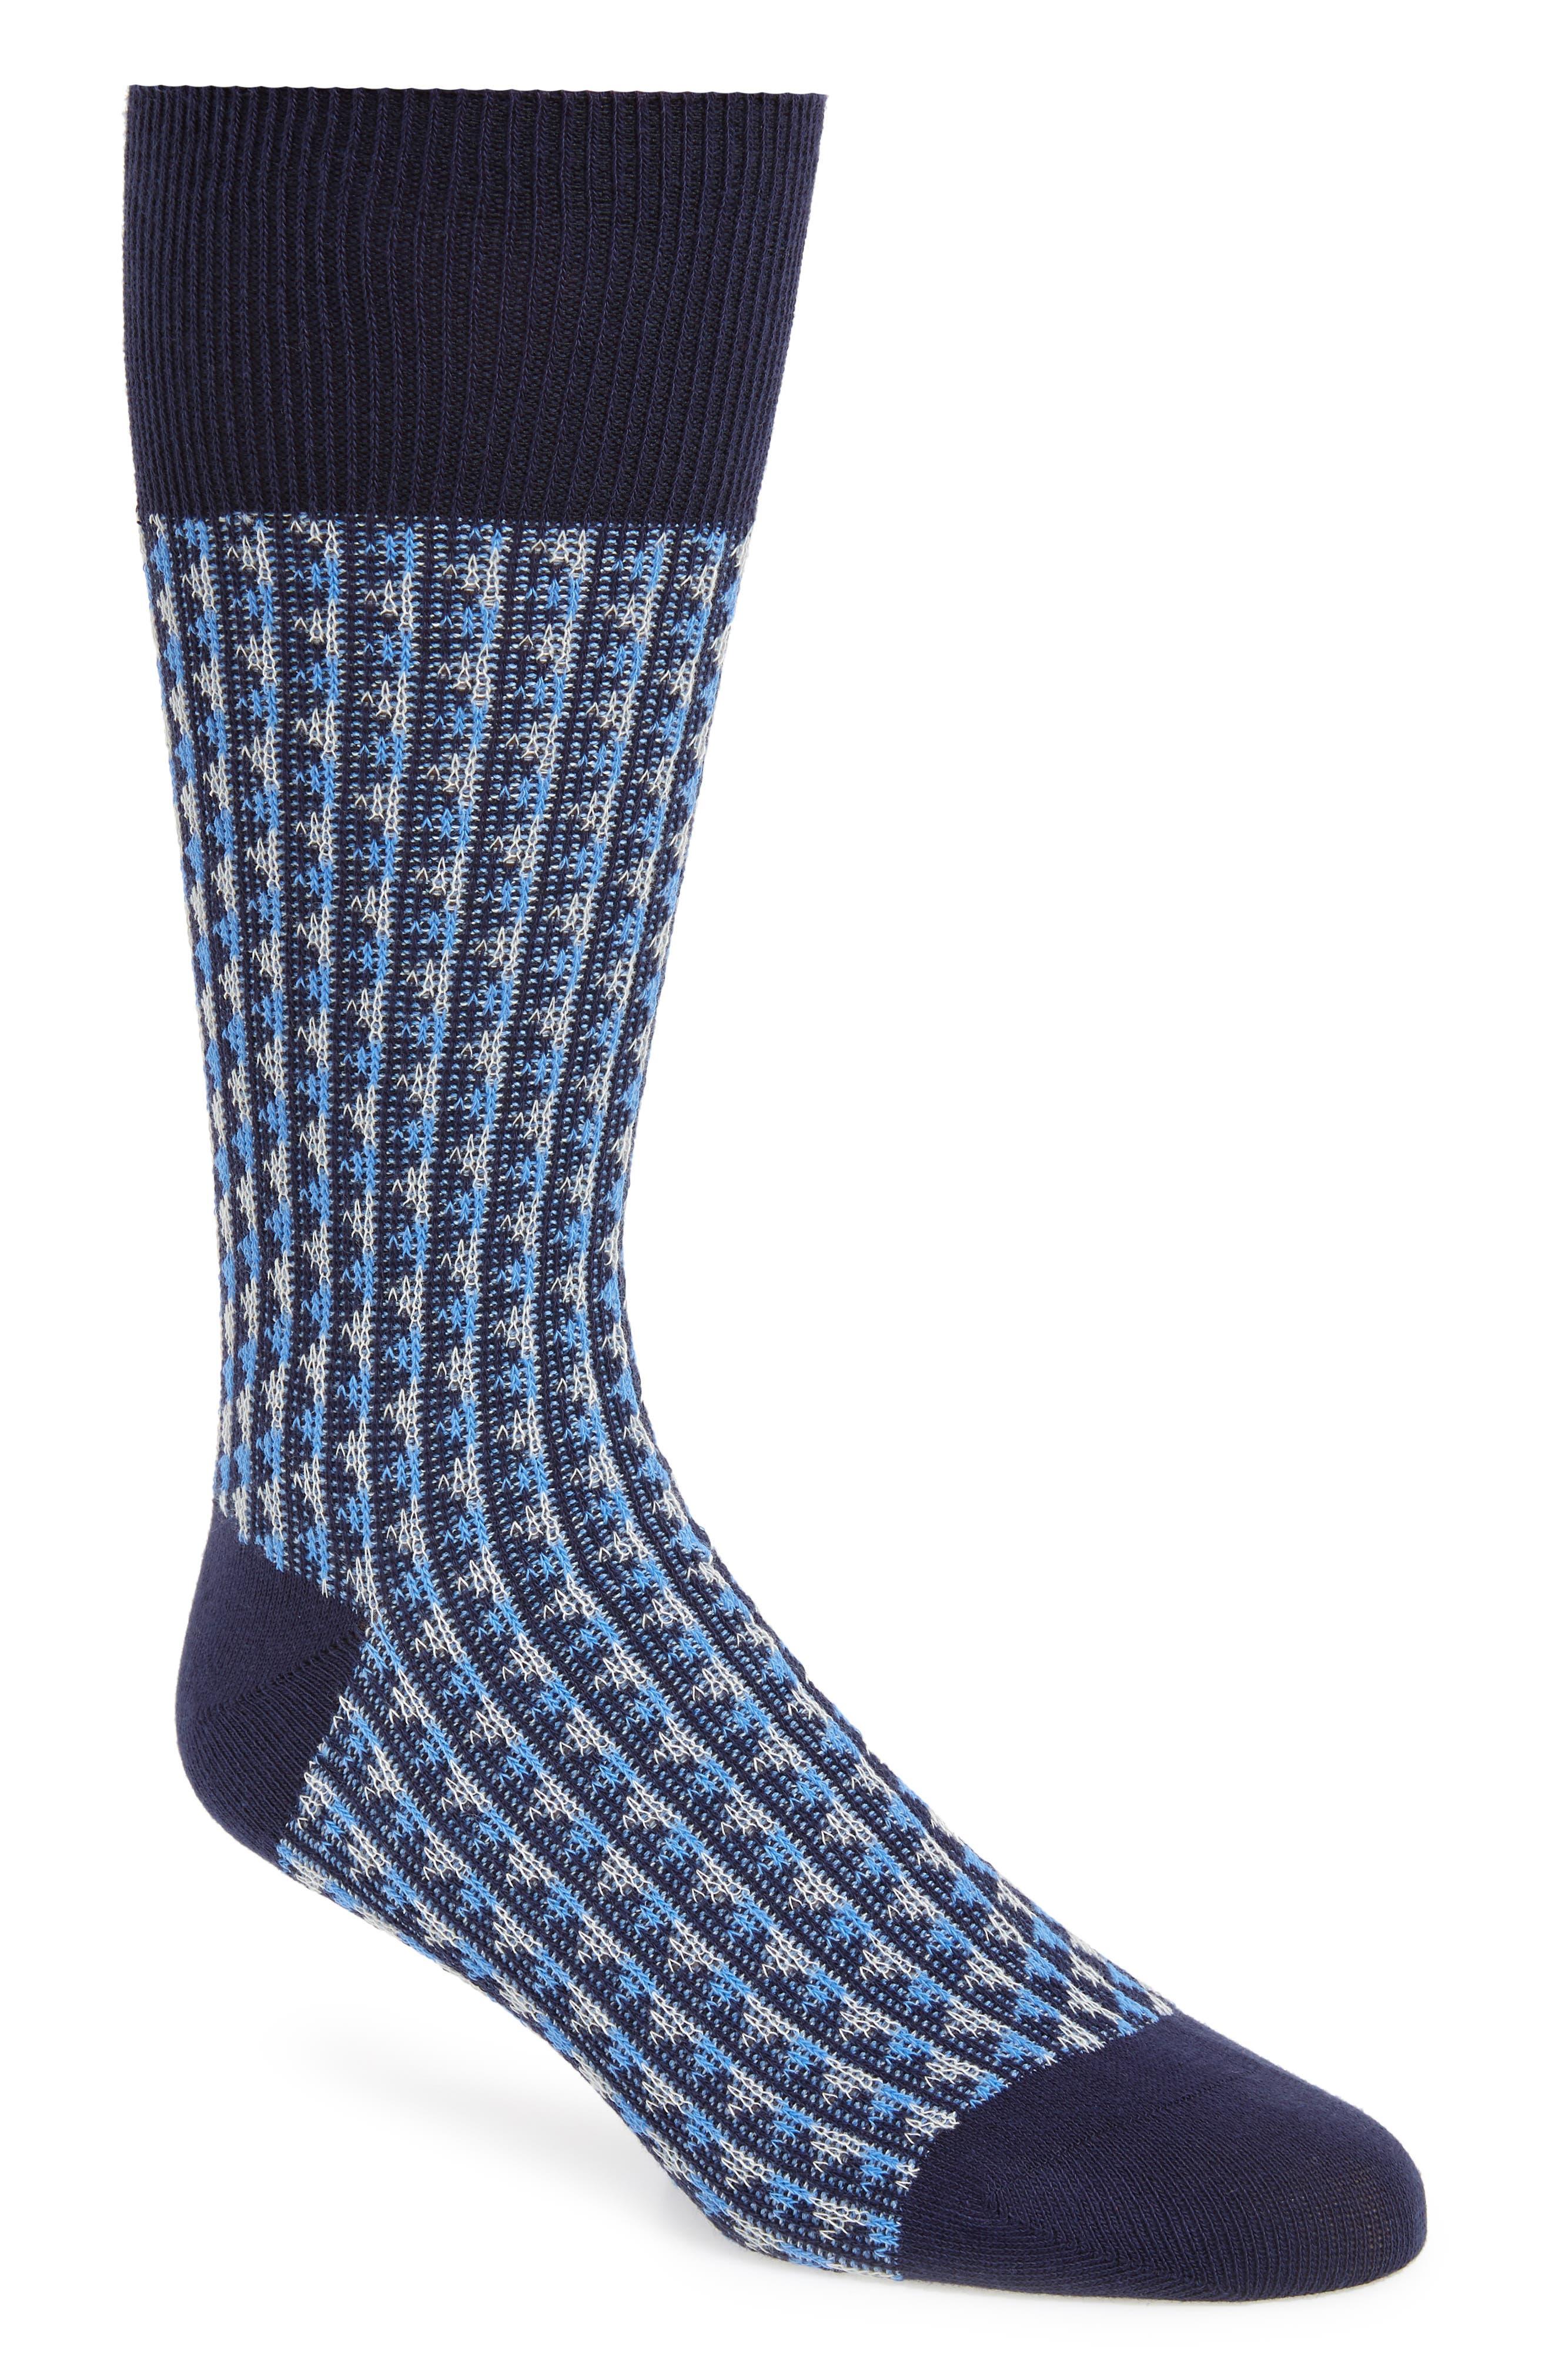 Jacquard Socks,                             Main thumbnail 1, color,                             BLUE